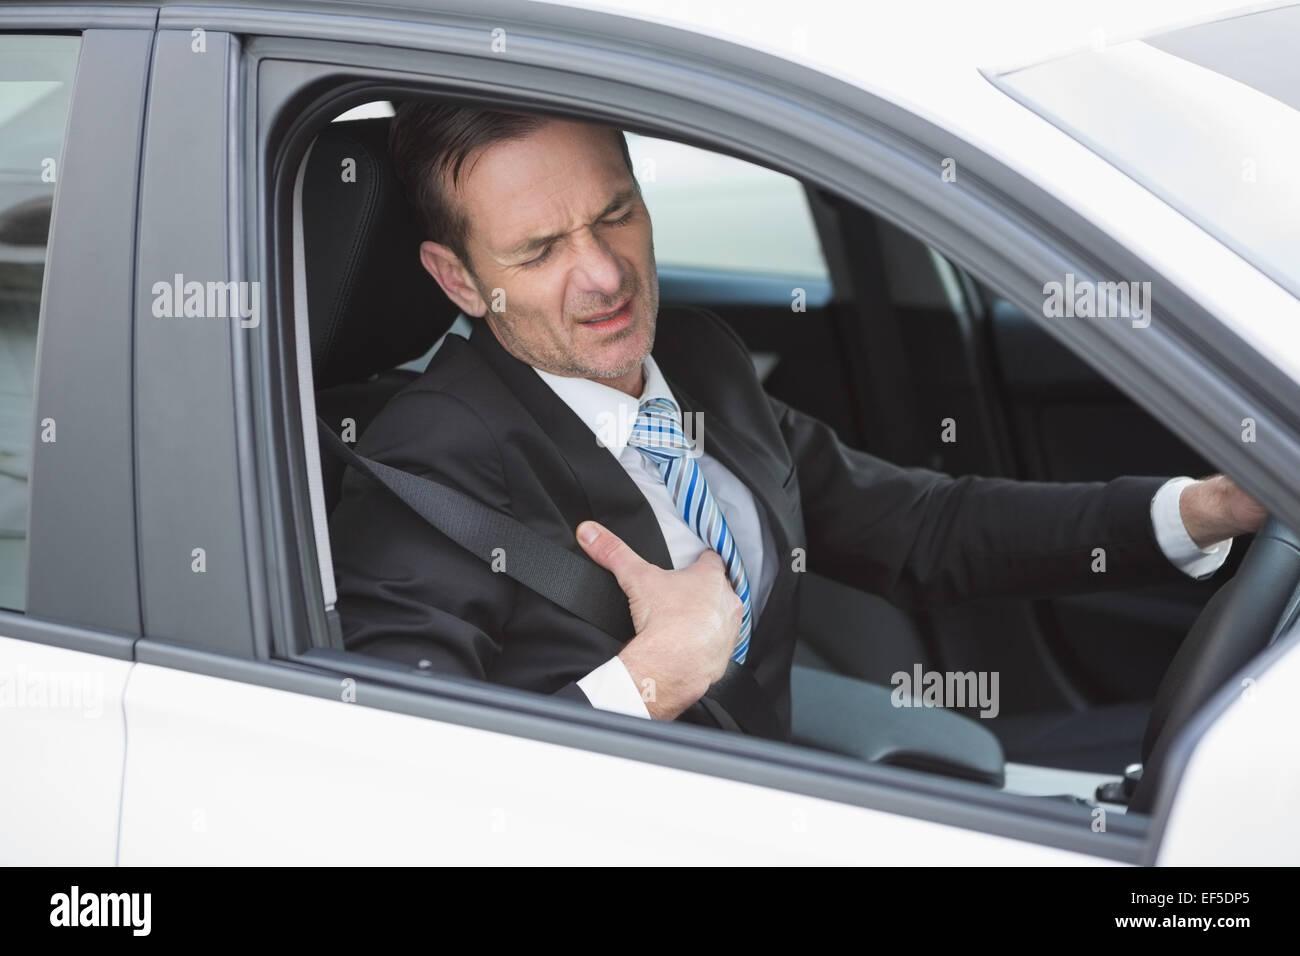 Businessman souffrant de chagrin Photo Stock